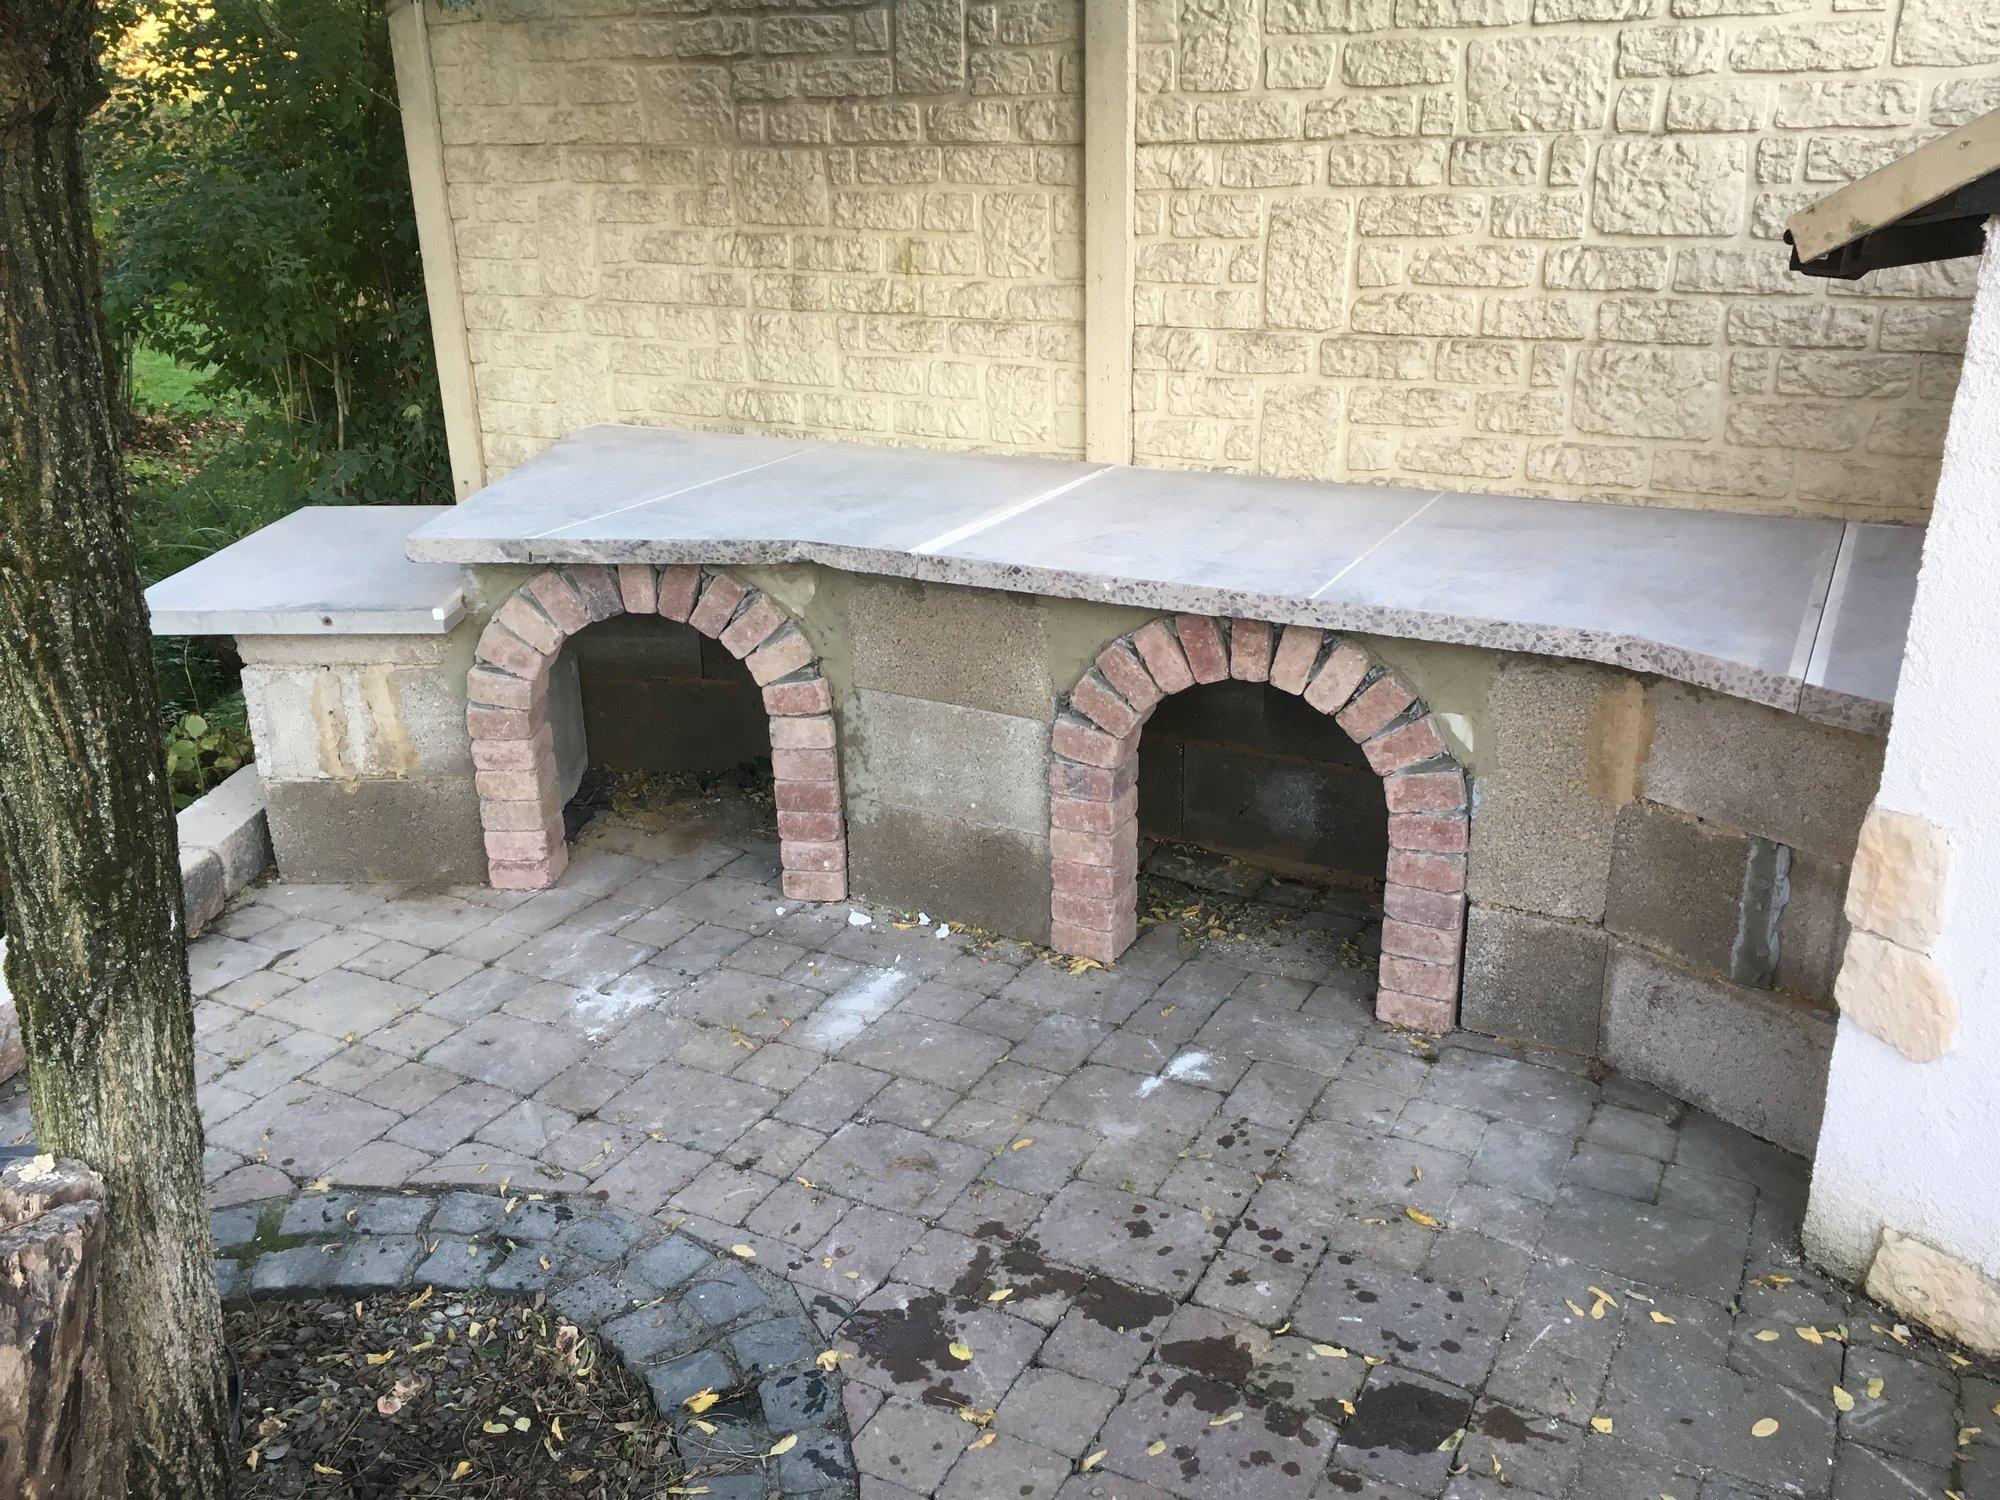 Außenküche Selber Bauen Grillsportverein : Grill küche selber bauen outdoor grill küche selber bauen